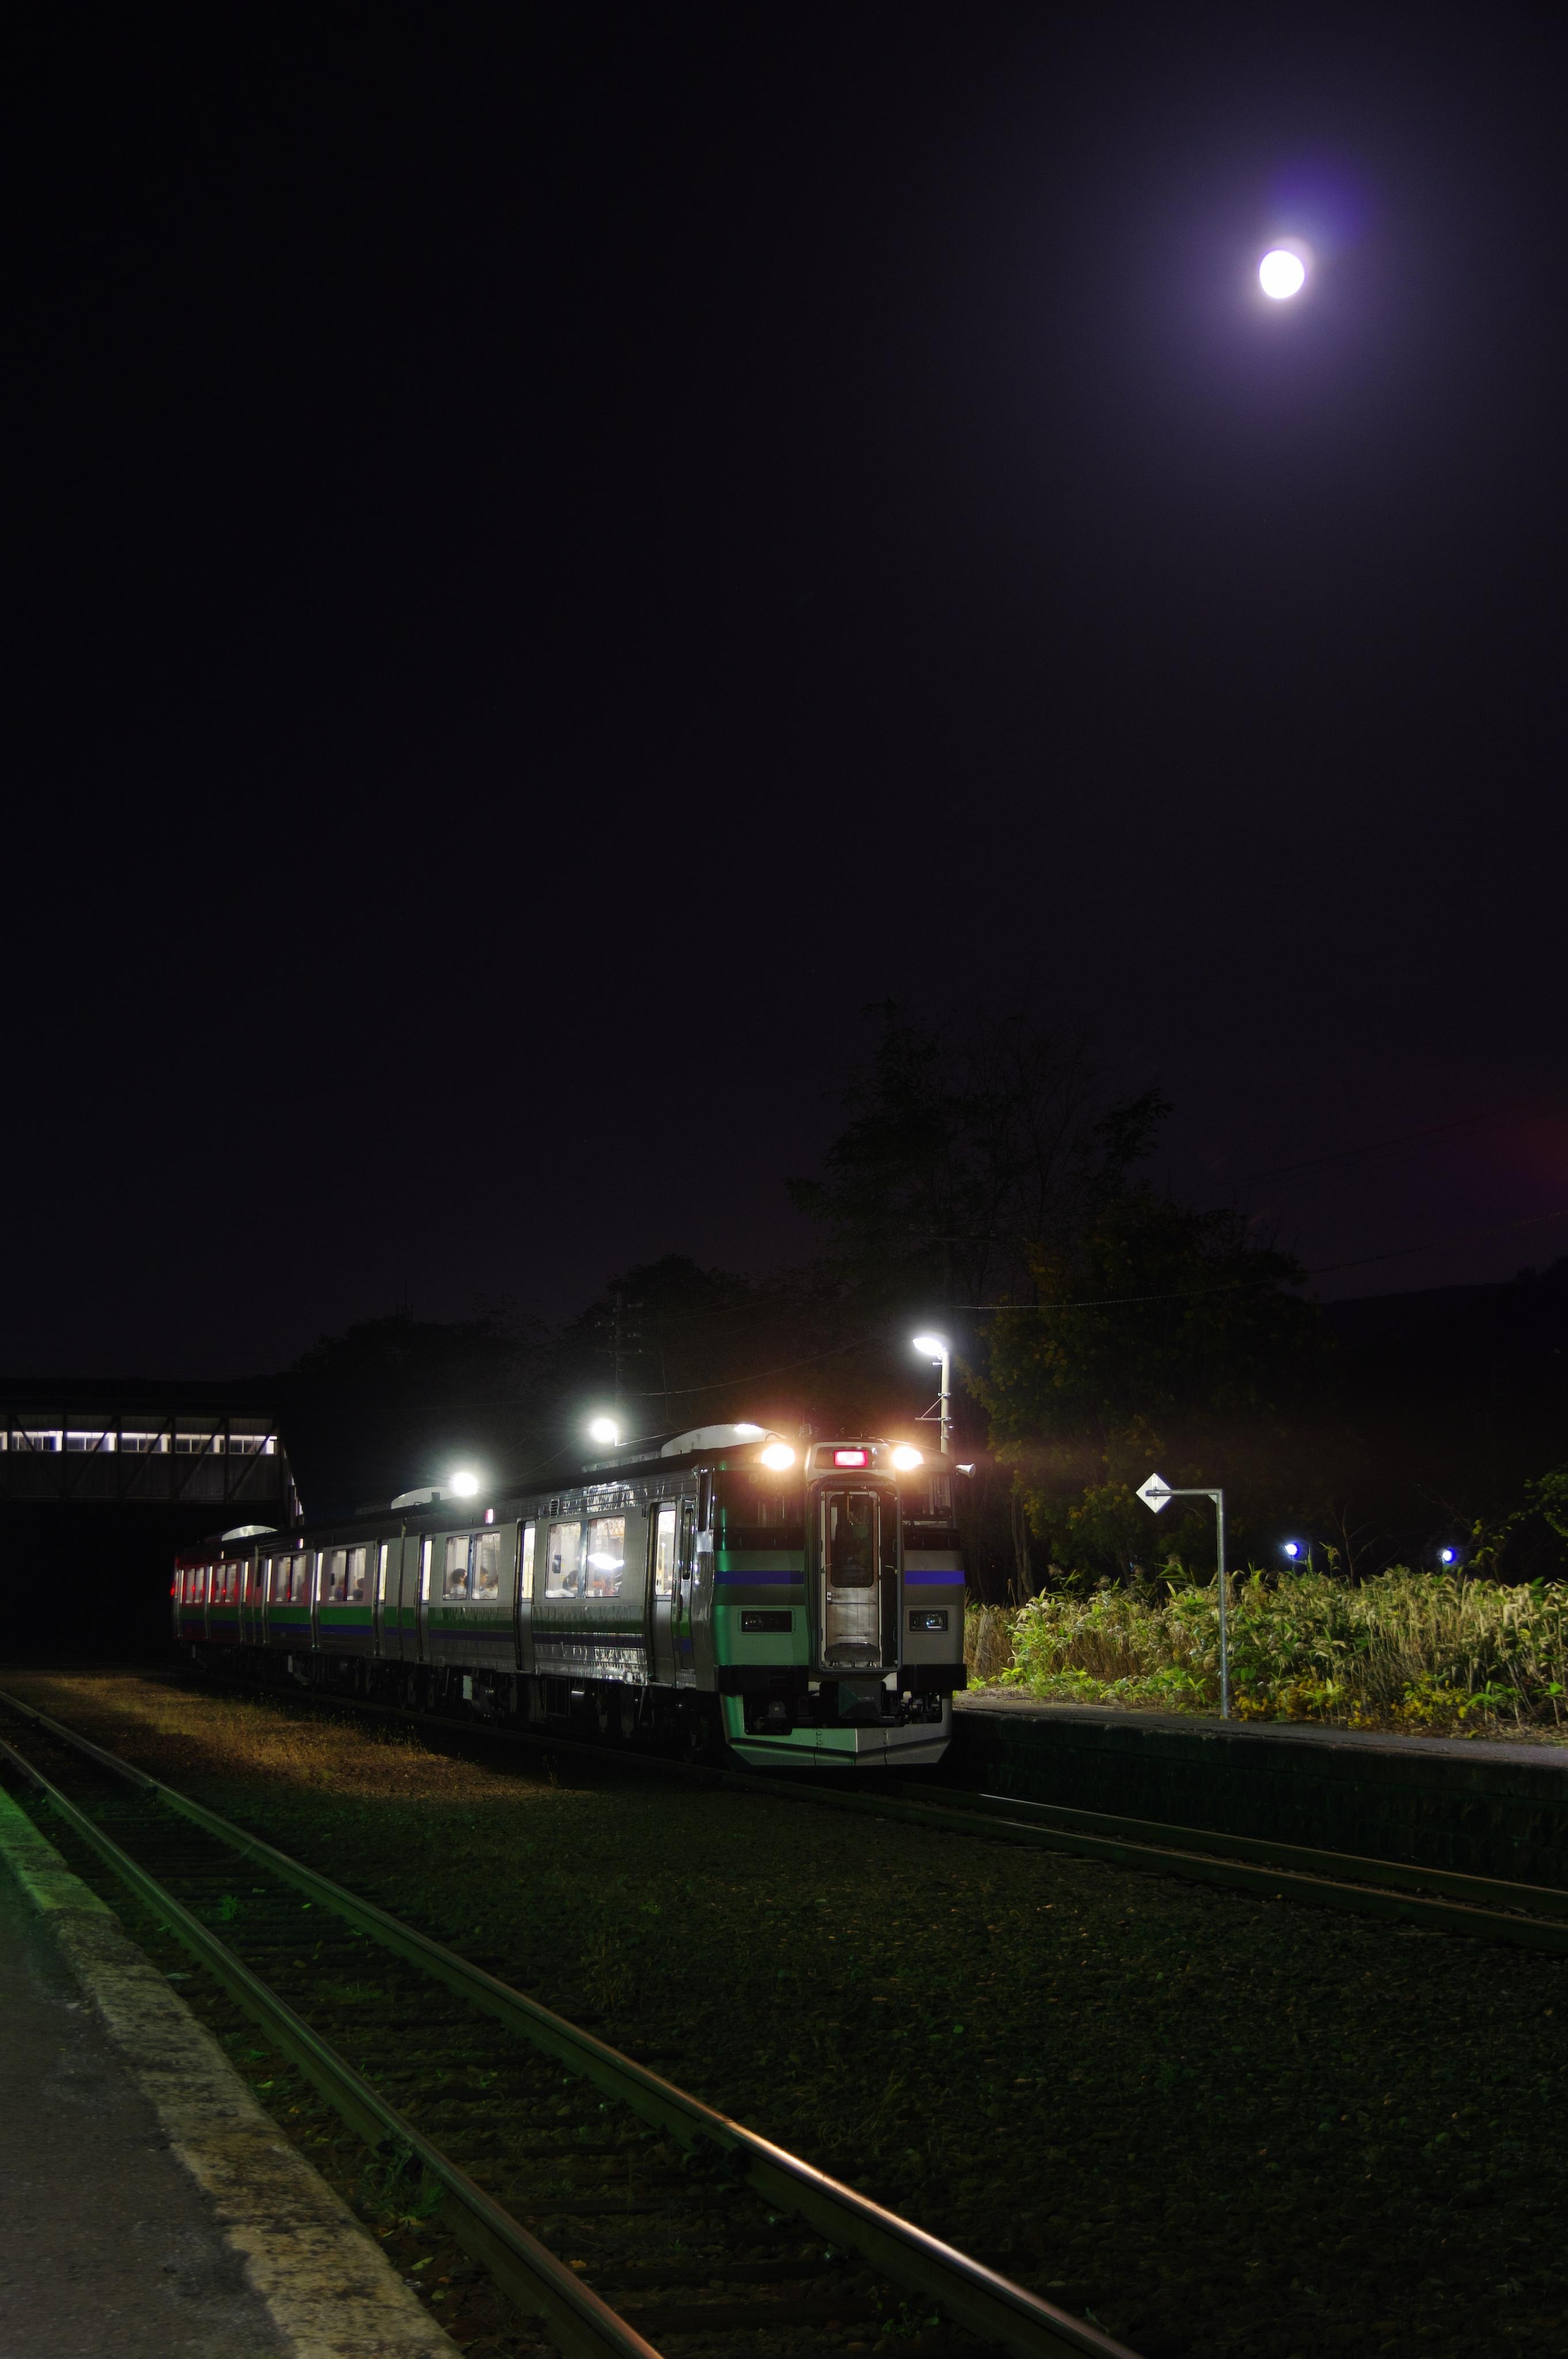 キハ201系 3954D 快速ニセコライナー 蘭島駅 181024.jpg